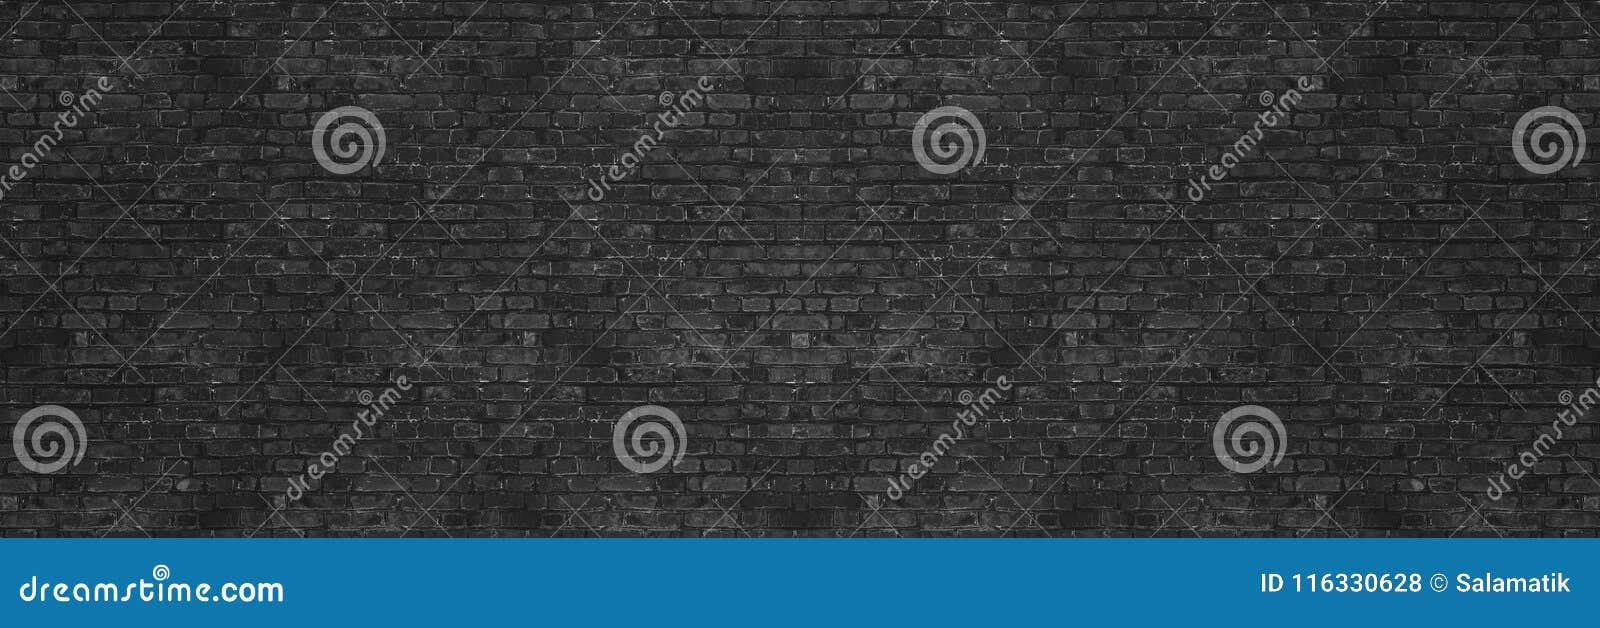 Weinlese-Schwarzwäsche-Backsteinmauerbeschaffenheit für Design Panoramischer Hintergrund für Ihren Text oder Bild